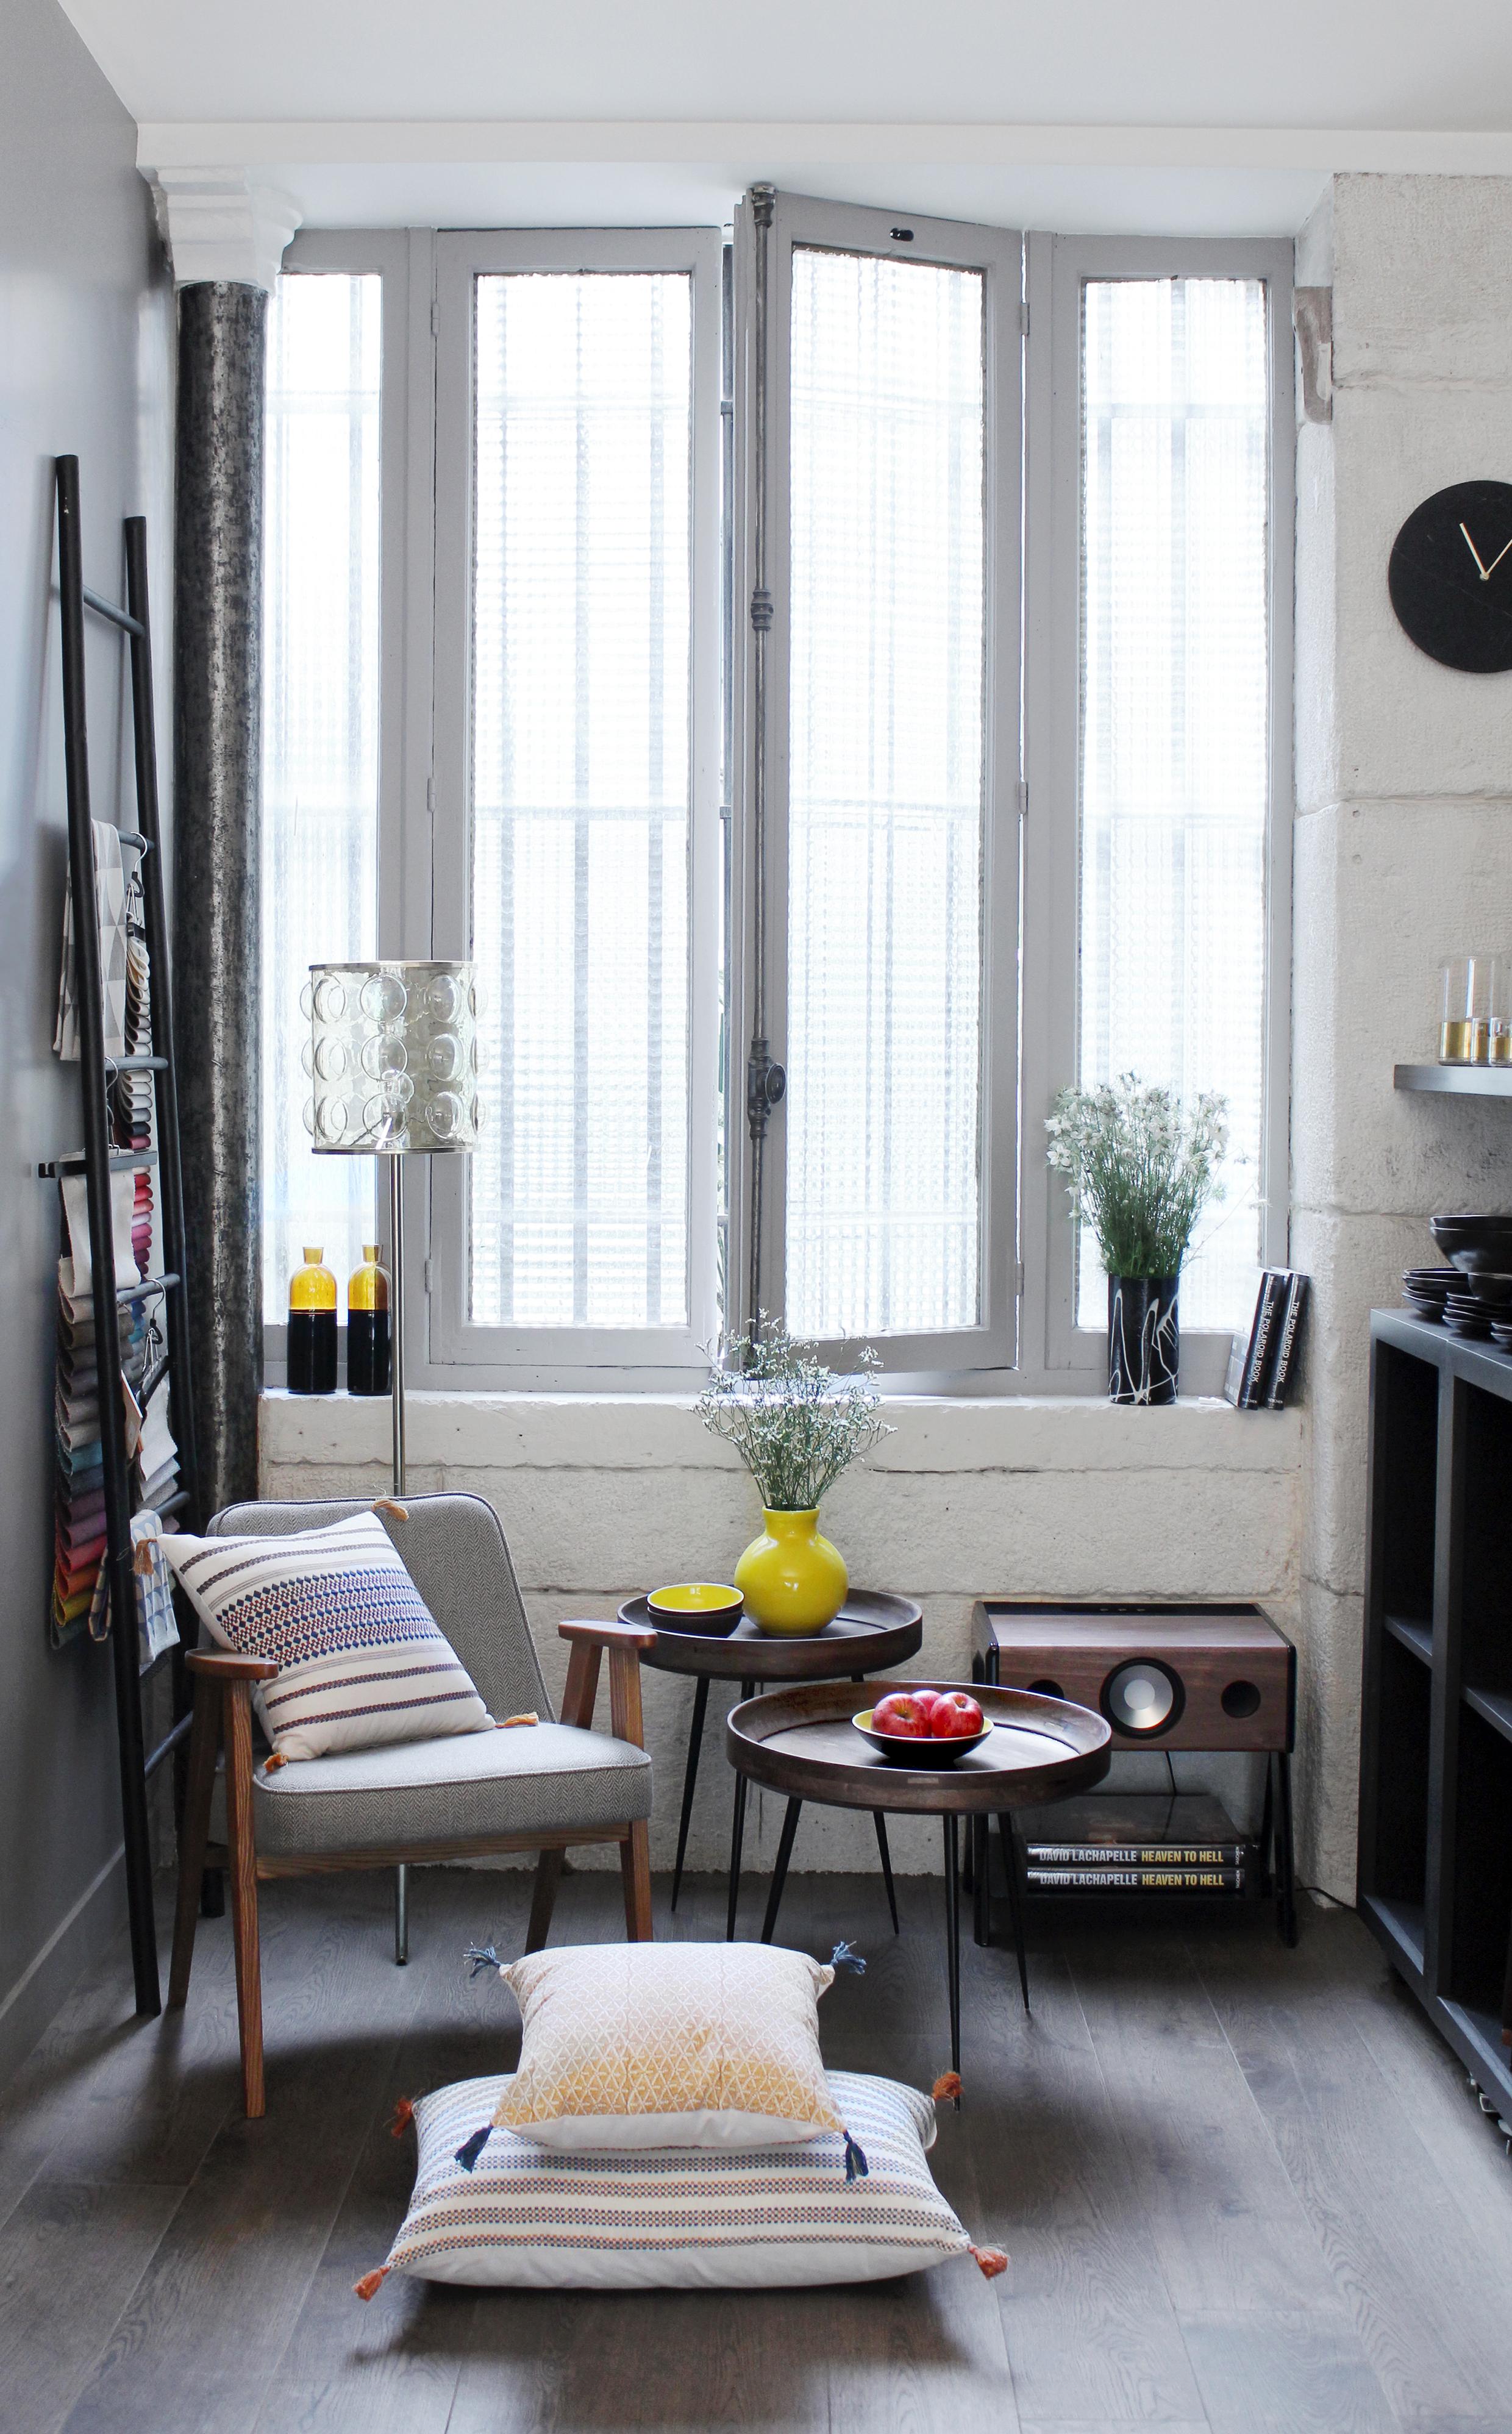 boutique the cool republic paris h ll blogzine blog deco lifestyle. Black Bedroom Furniture Sets. Home Design Ideas